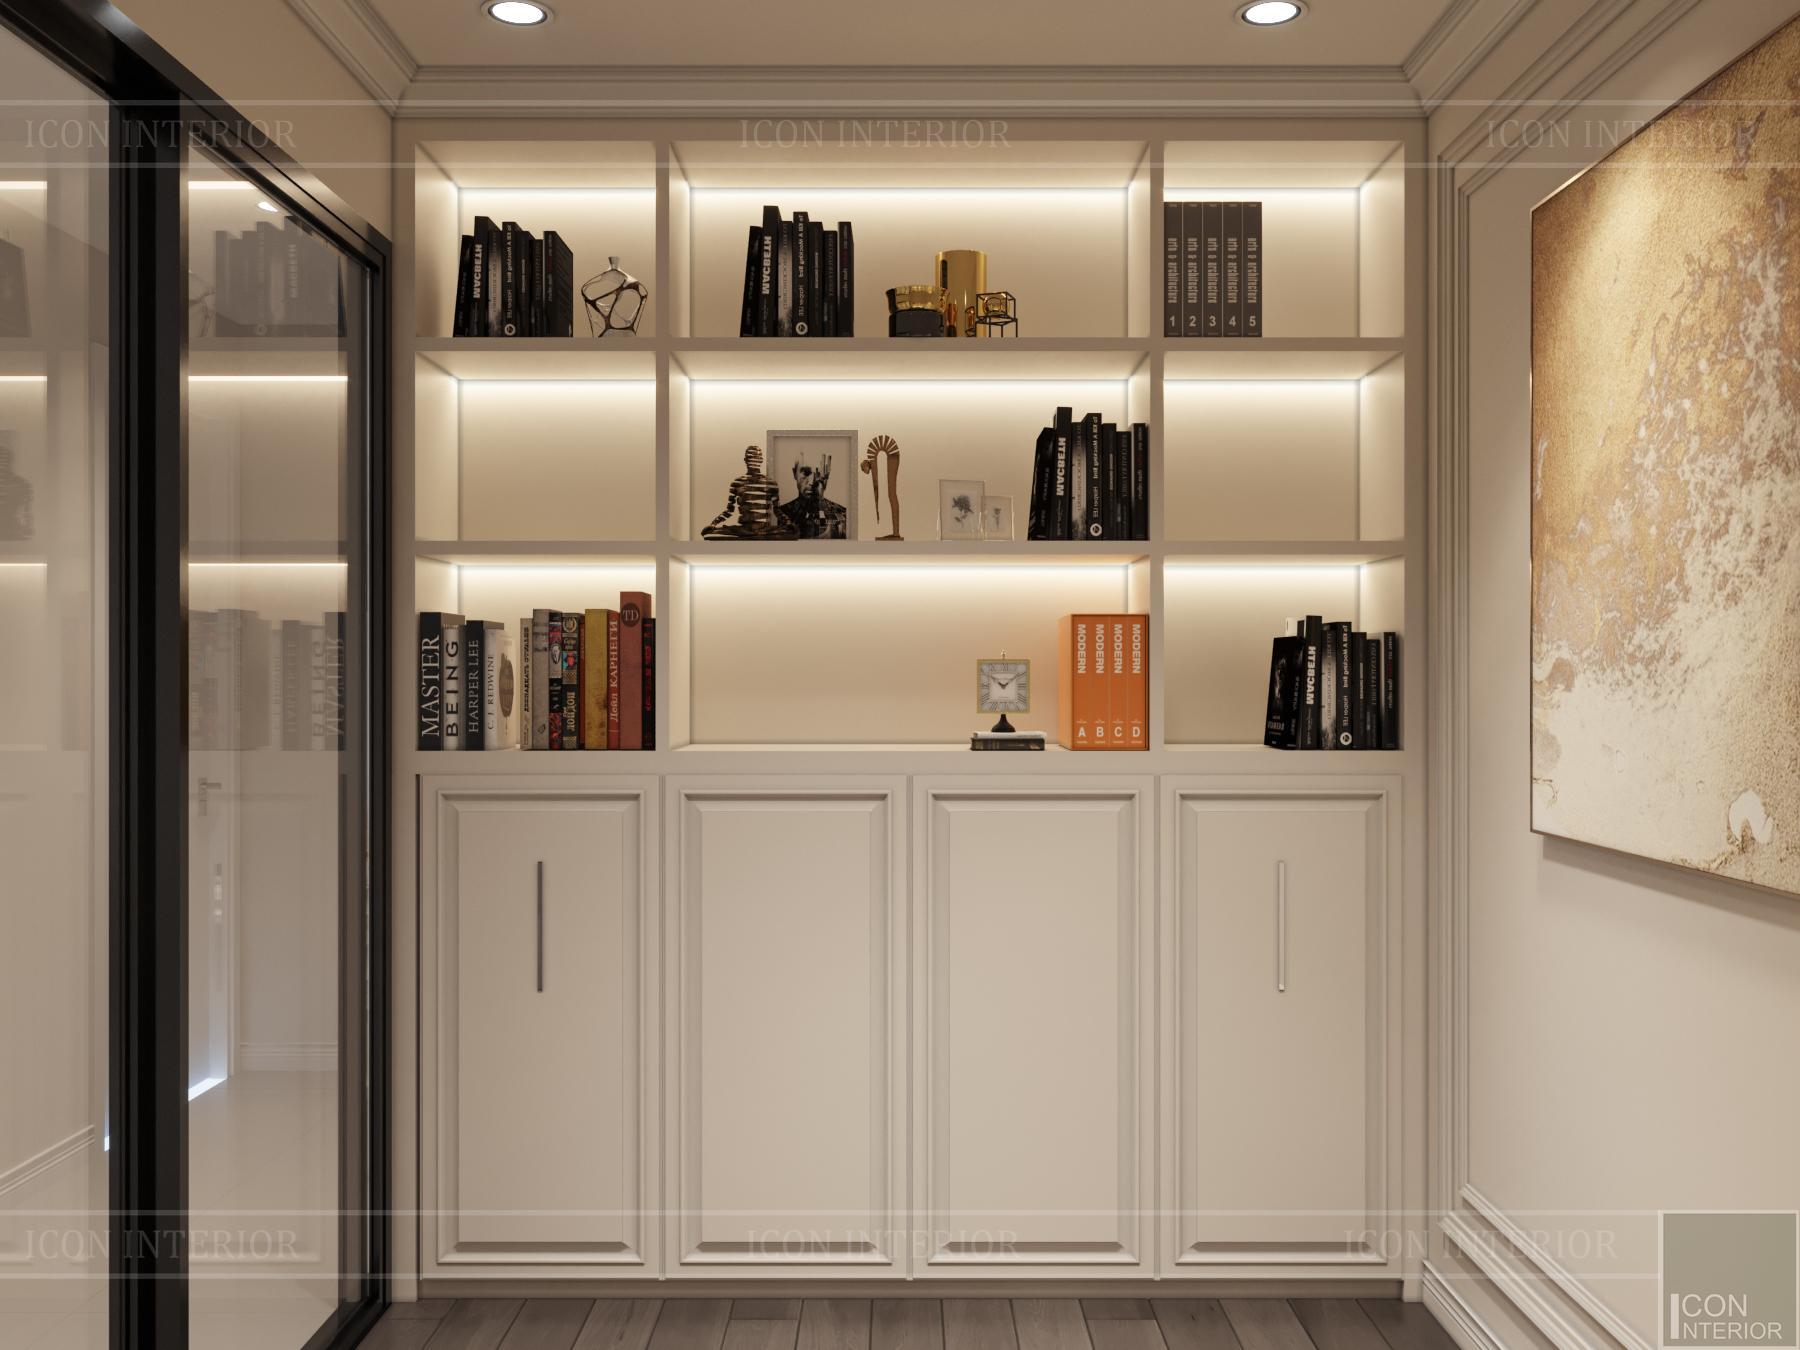 thiết kế nội thất hado centrosa - phòng sách